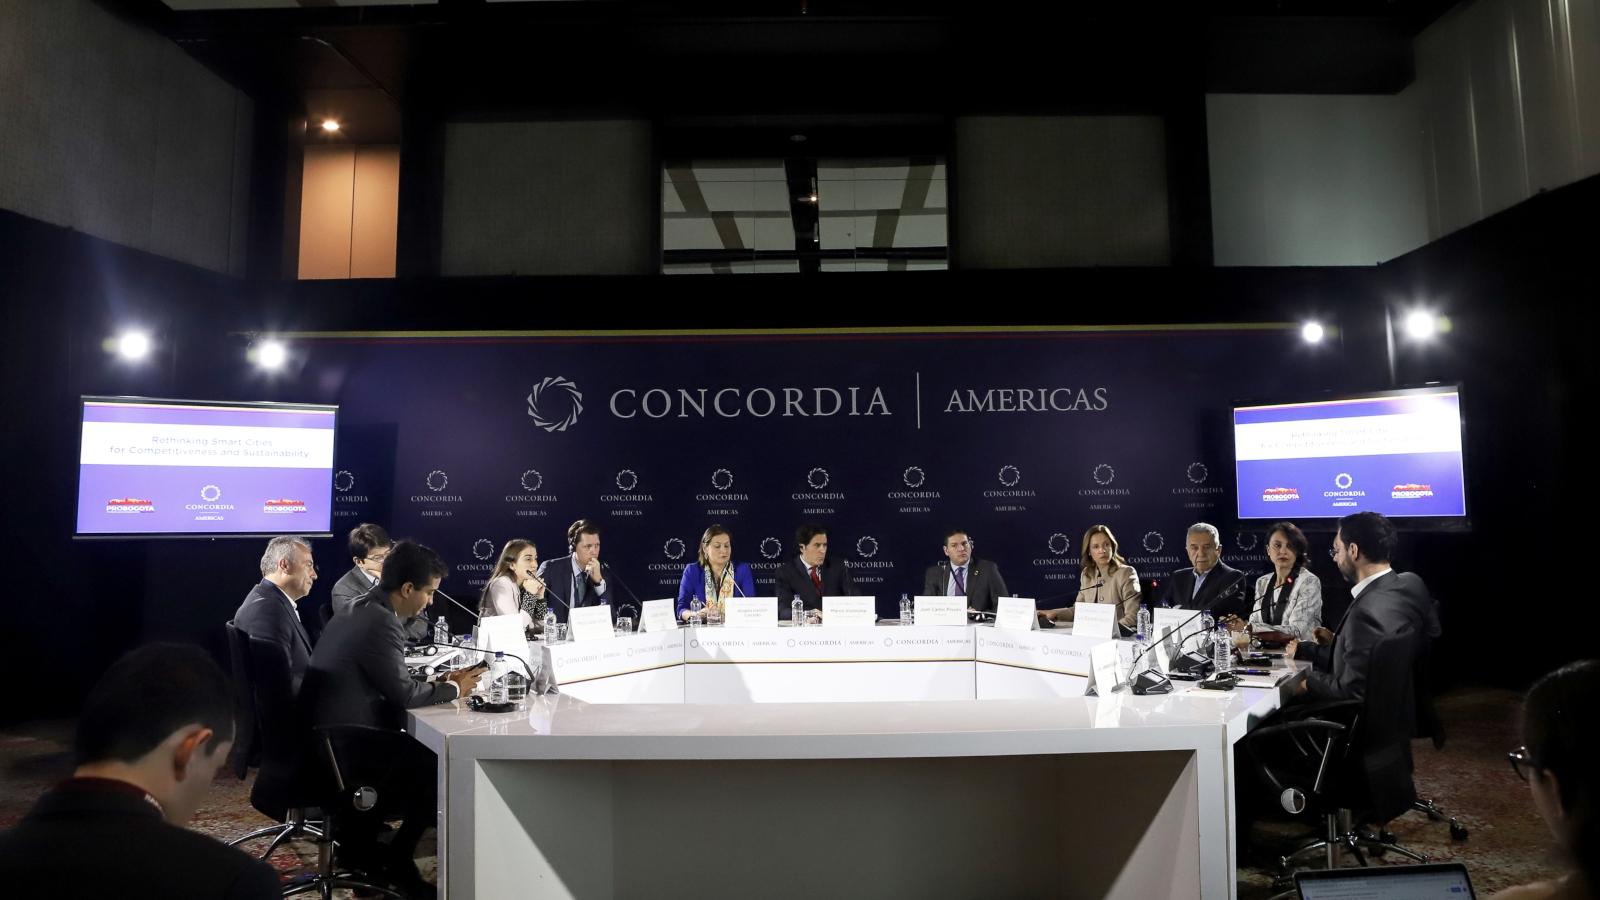 La Cumbre Concordia Summit llegó a Colombia